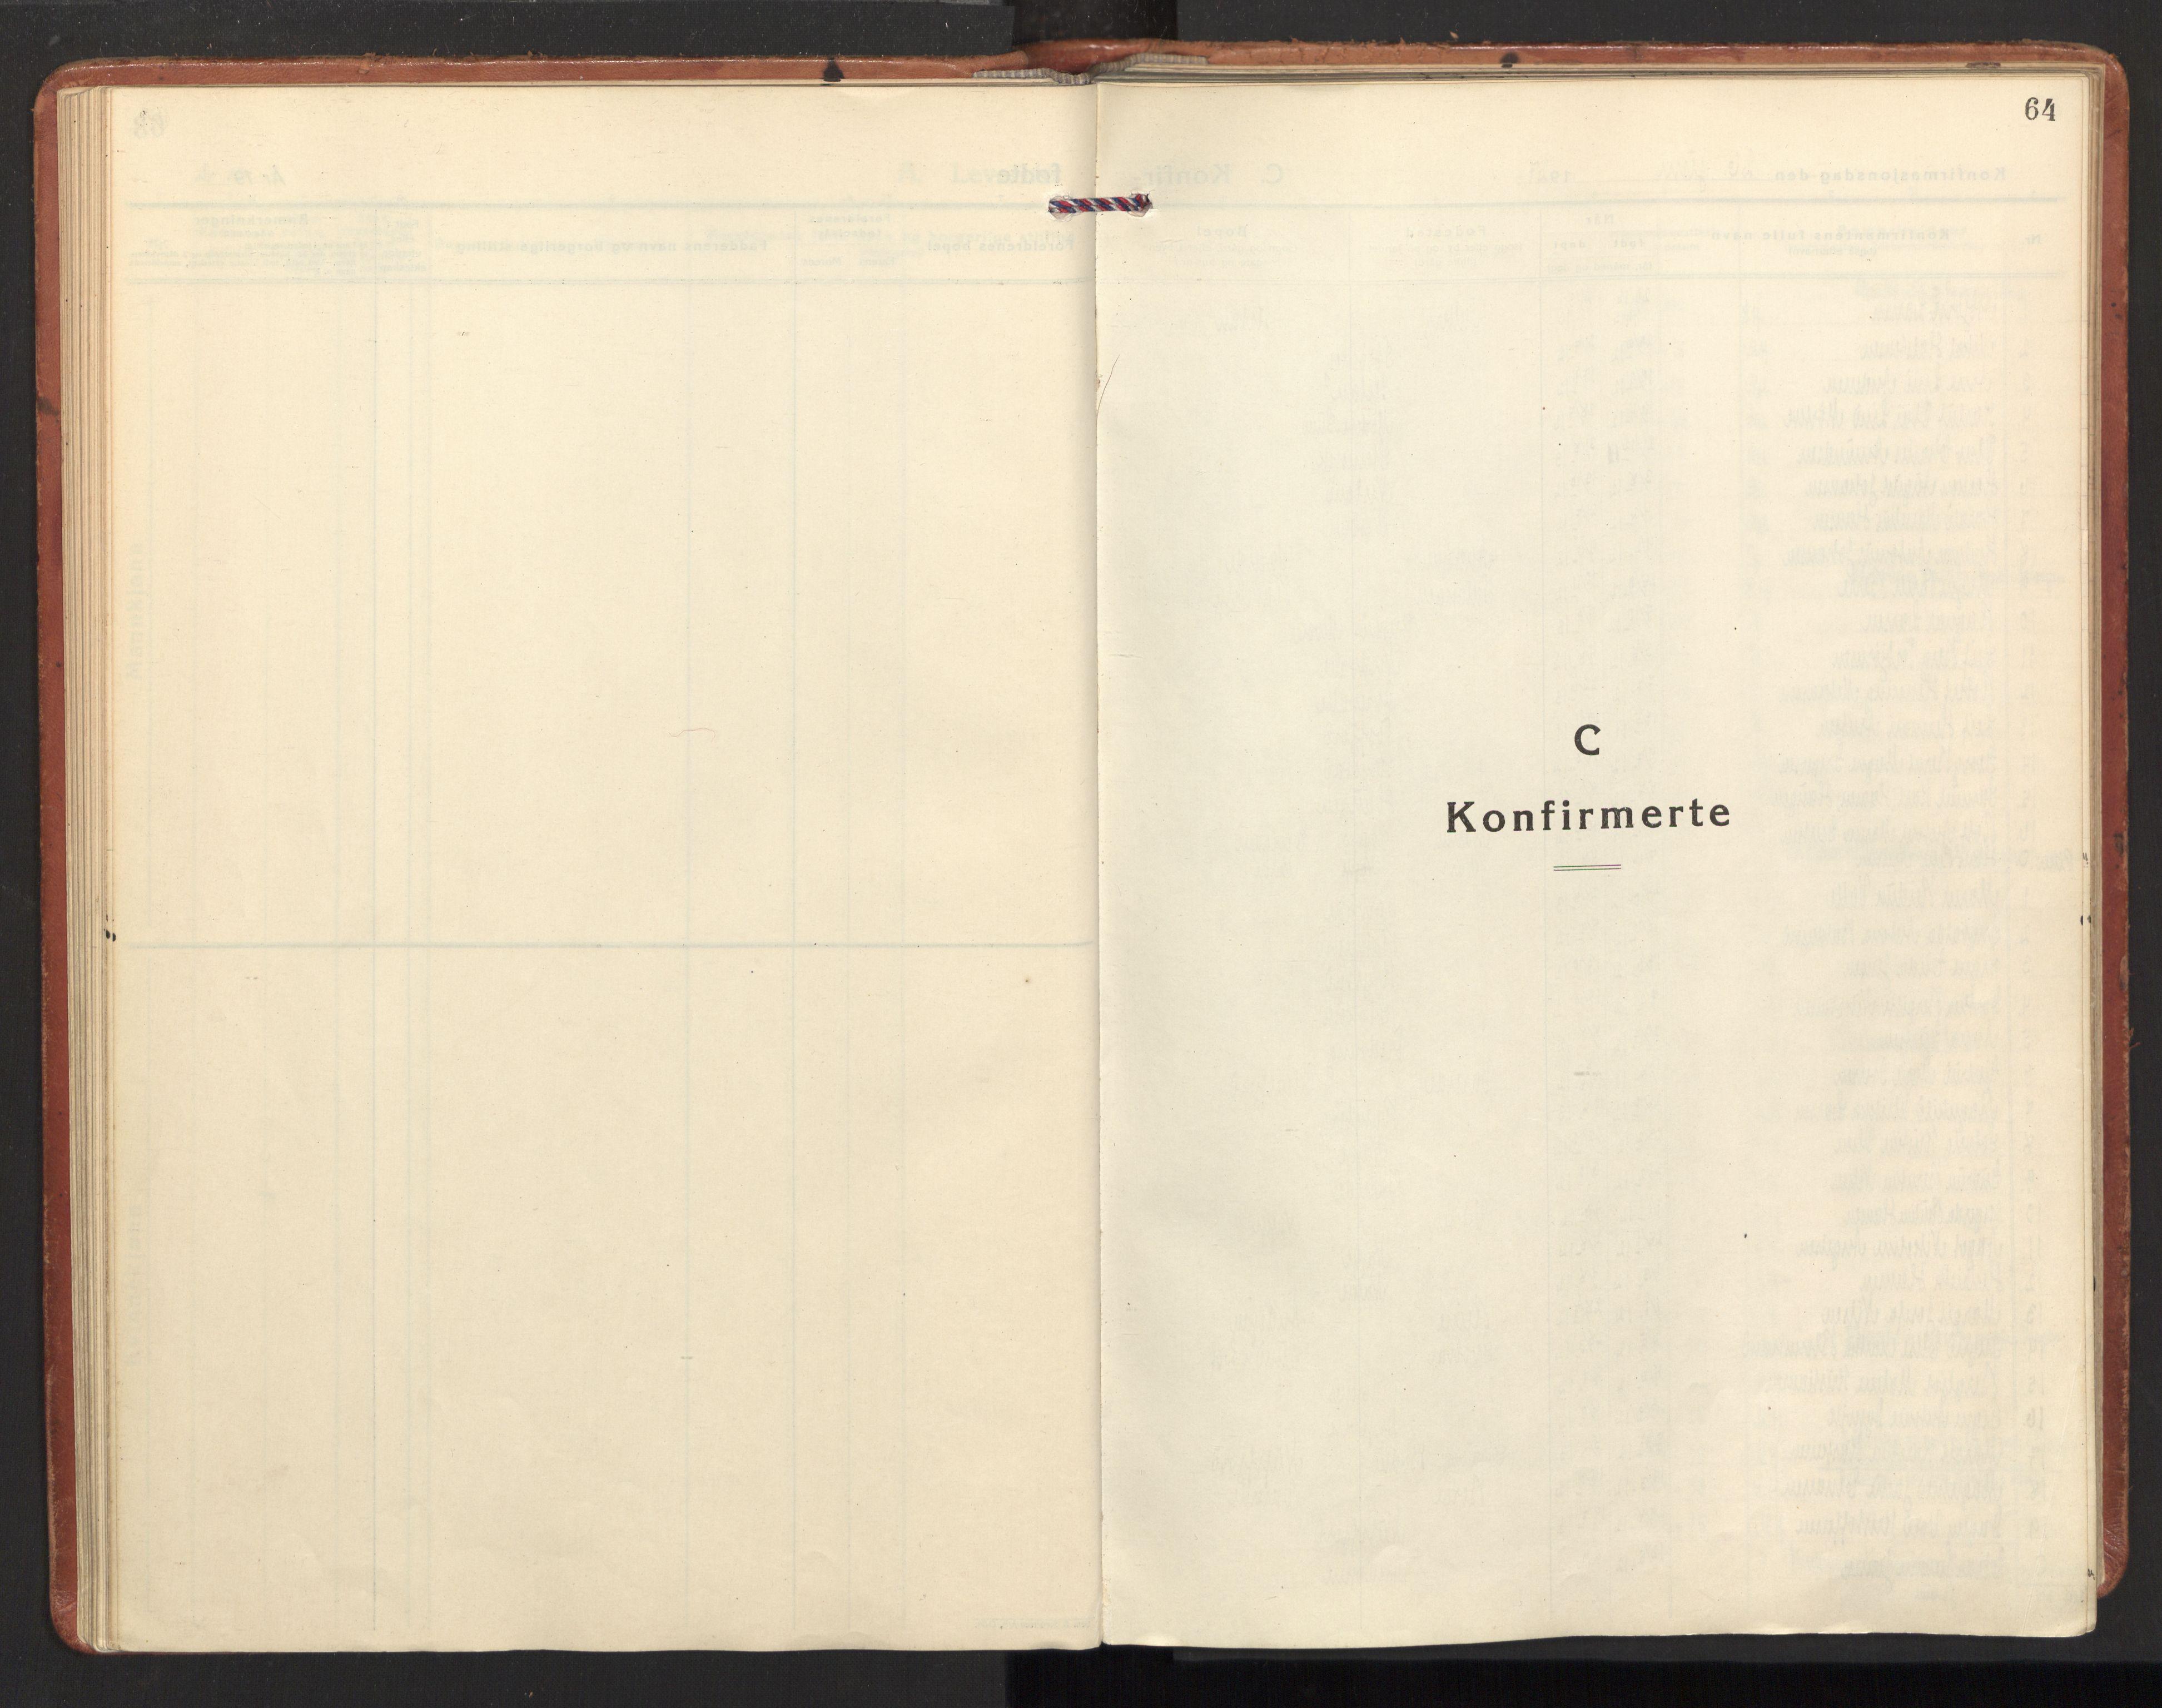 SAT, Ministerialprotokoller, klokkerbøker og fødselsregistre - Nordland, 885/L1211: Parish register (official) no. 885A11, 1927-1938, p. 64